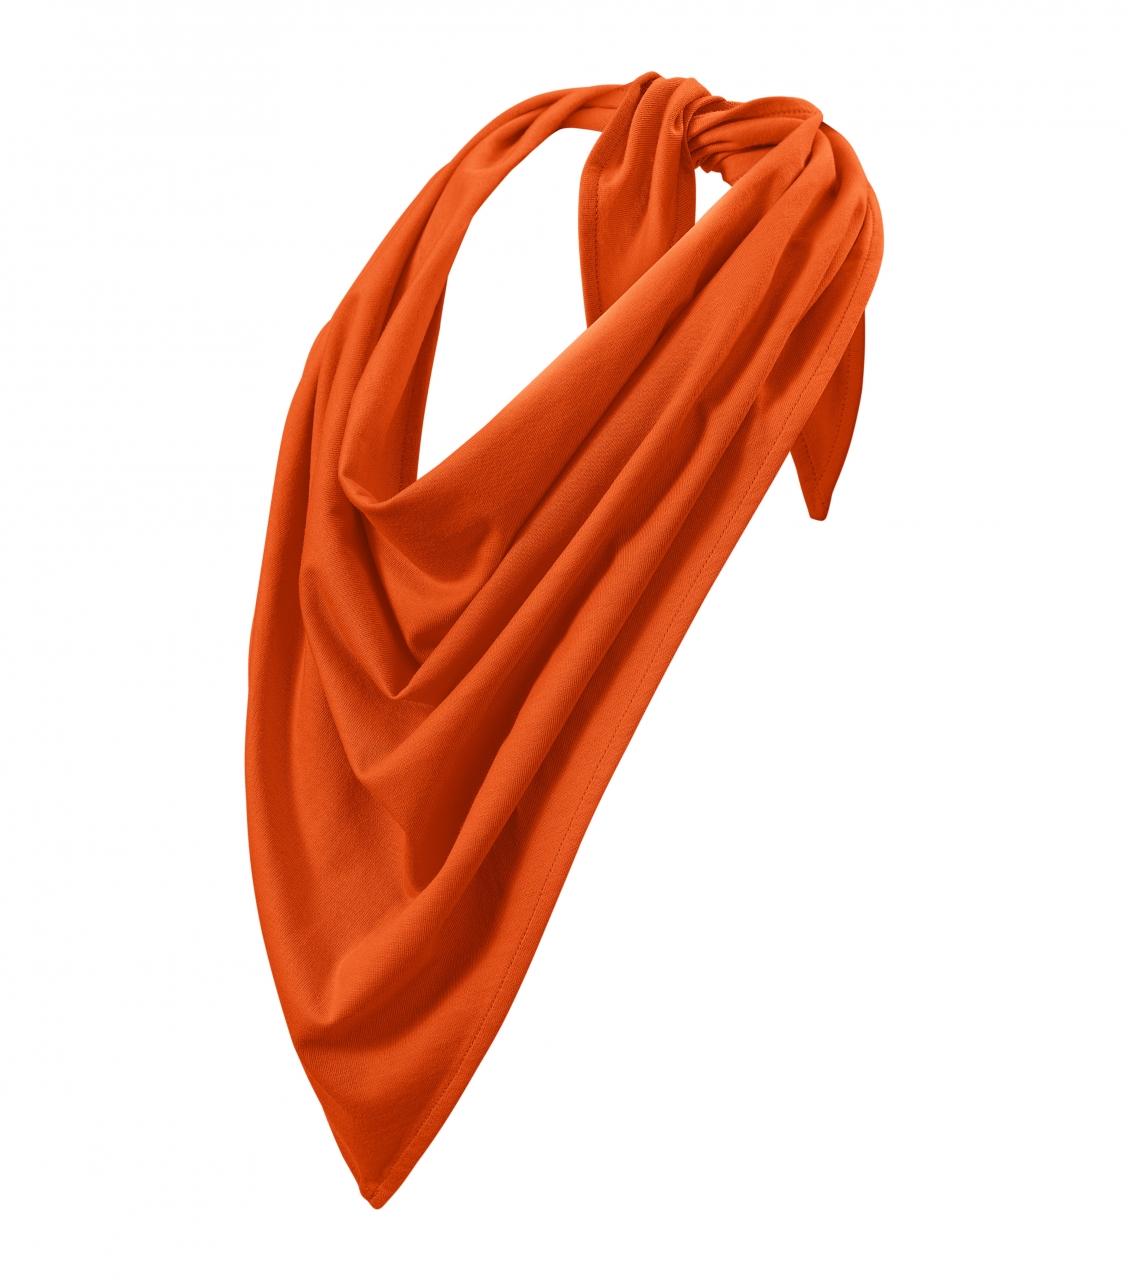 Šátek Adler Fancy - oranžový